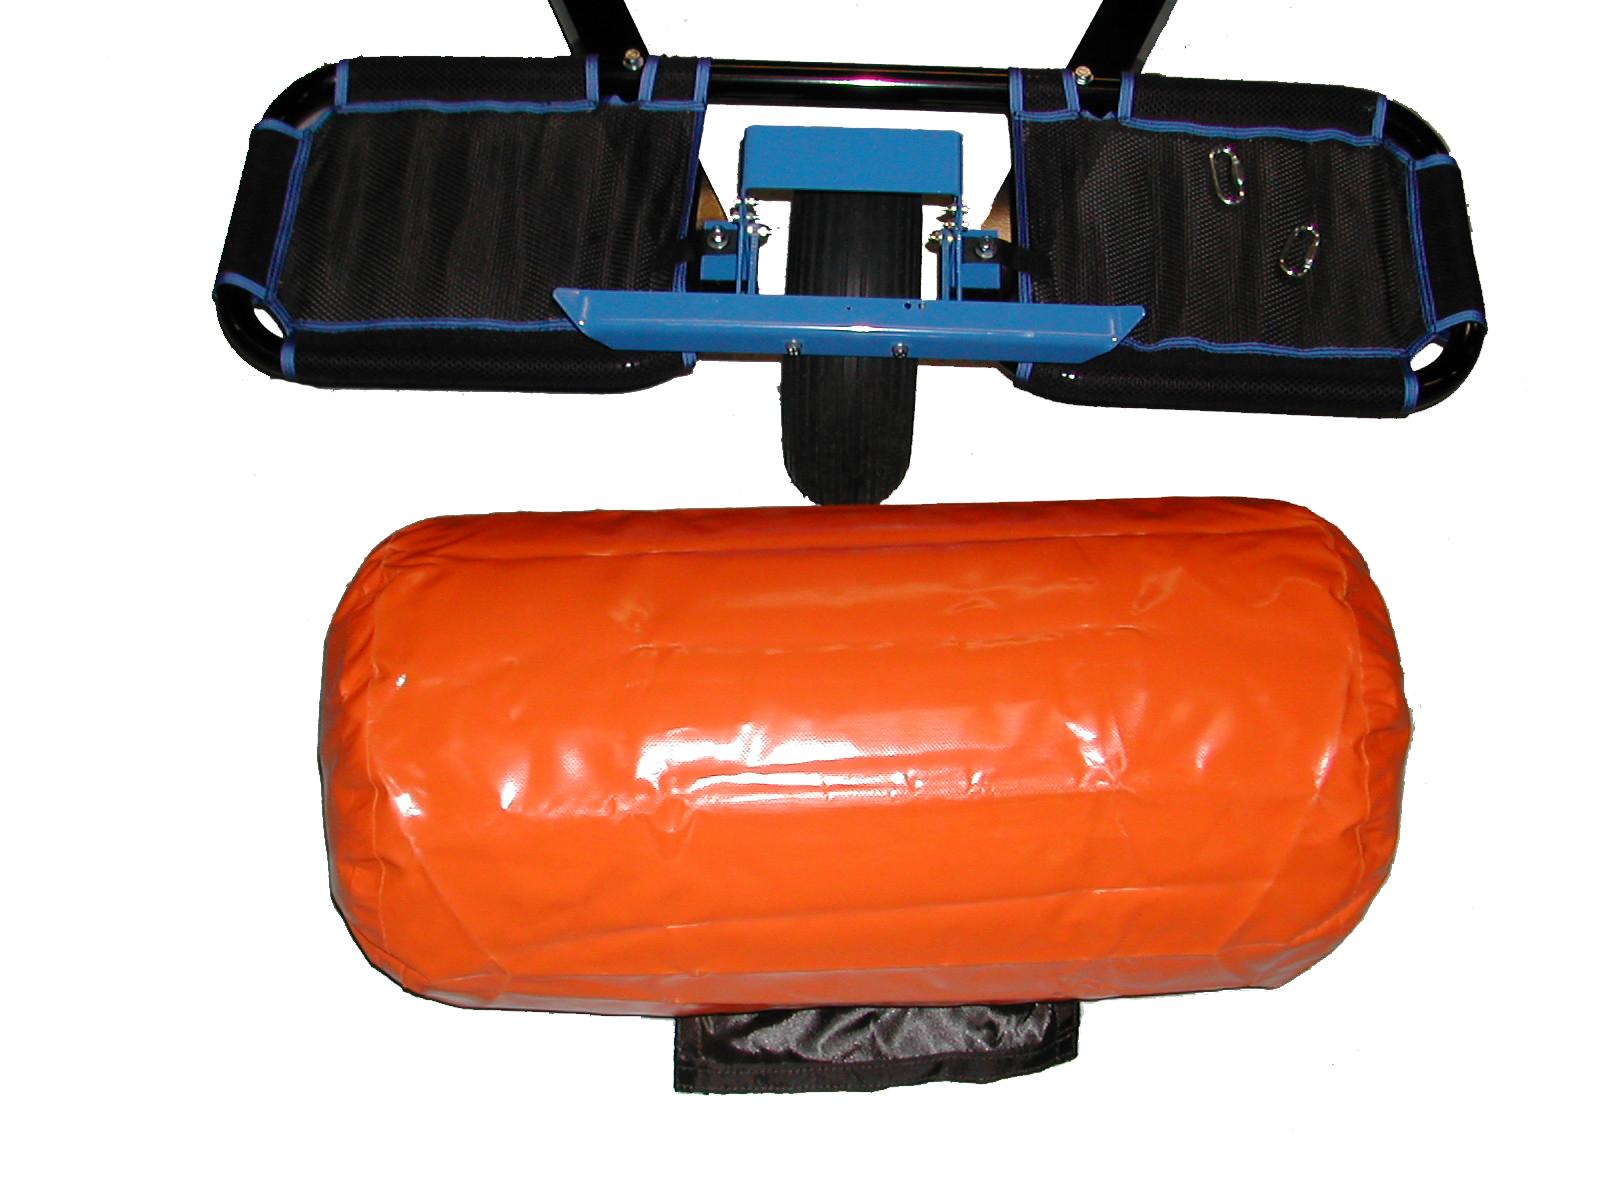 Flotation Device Image